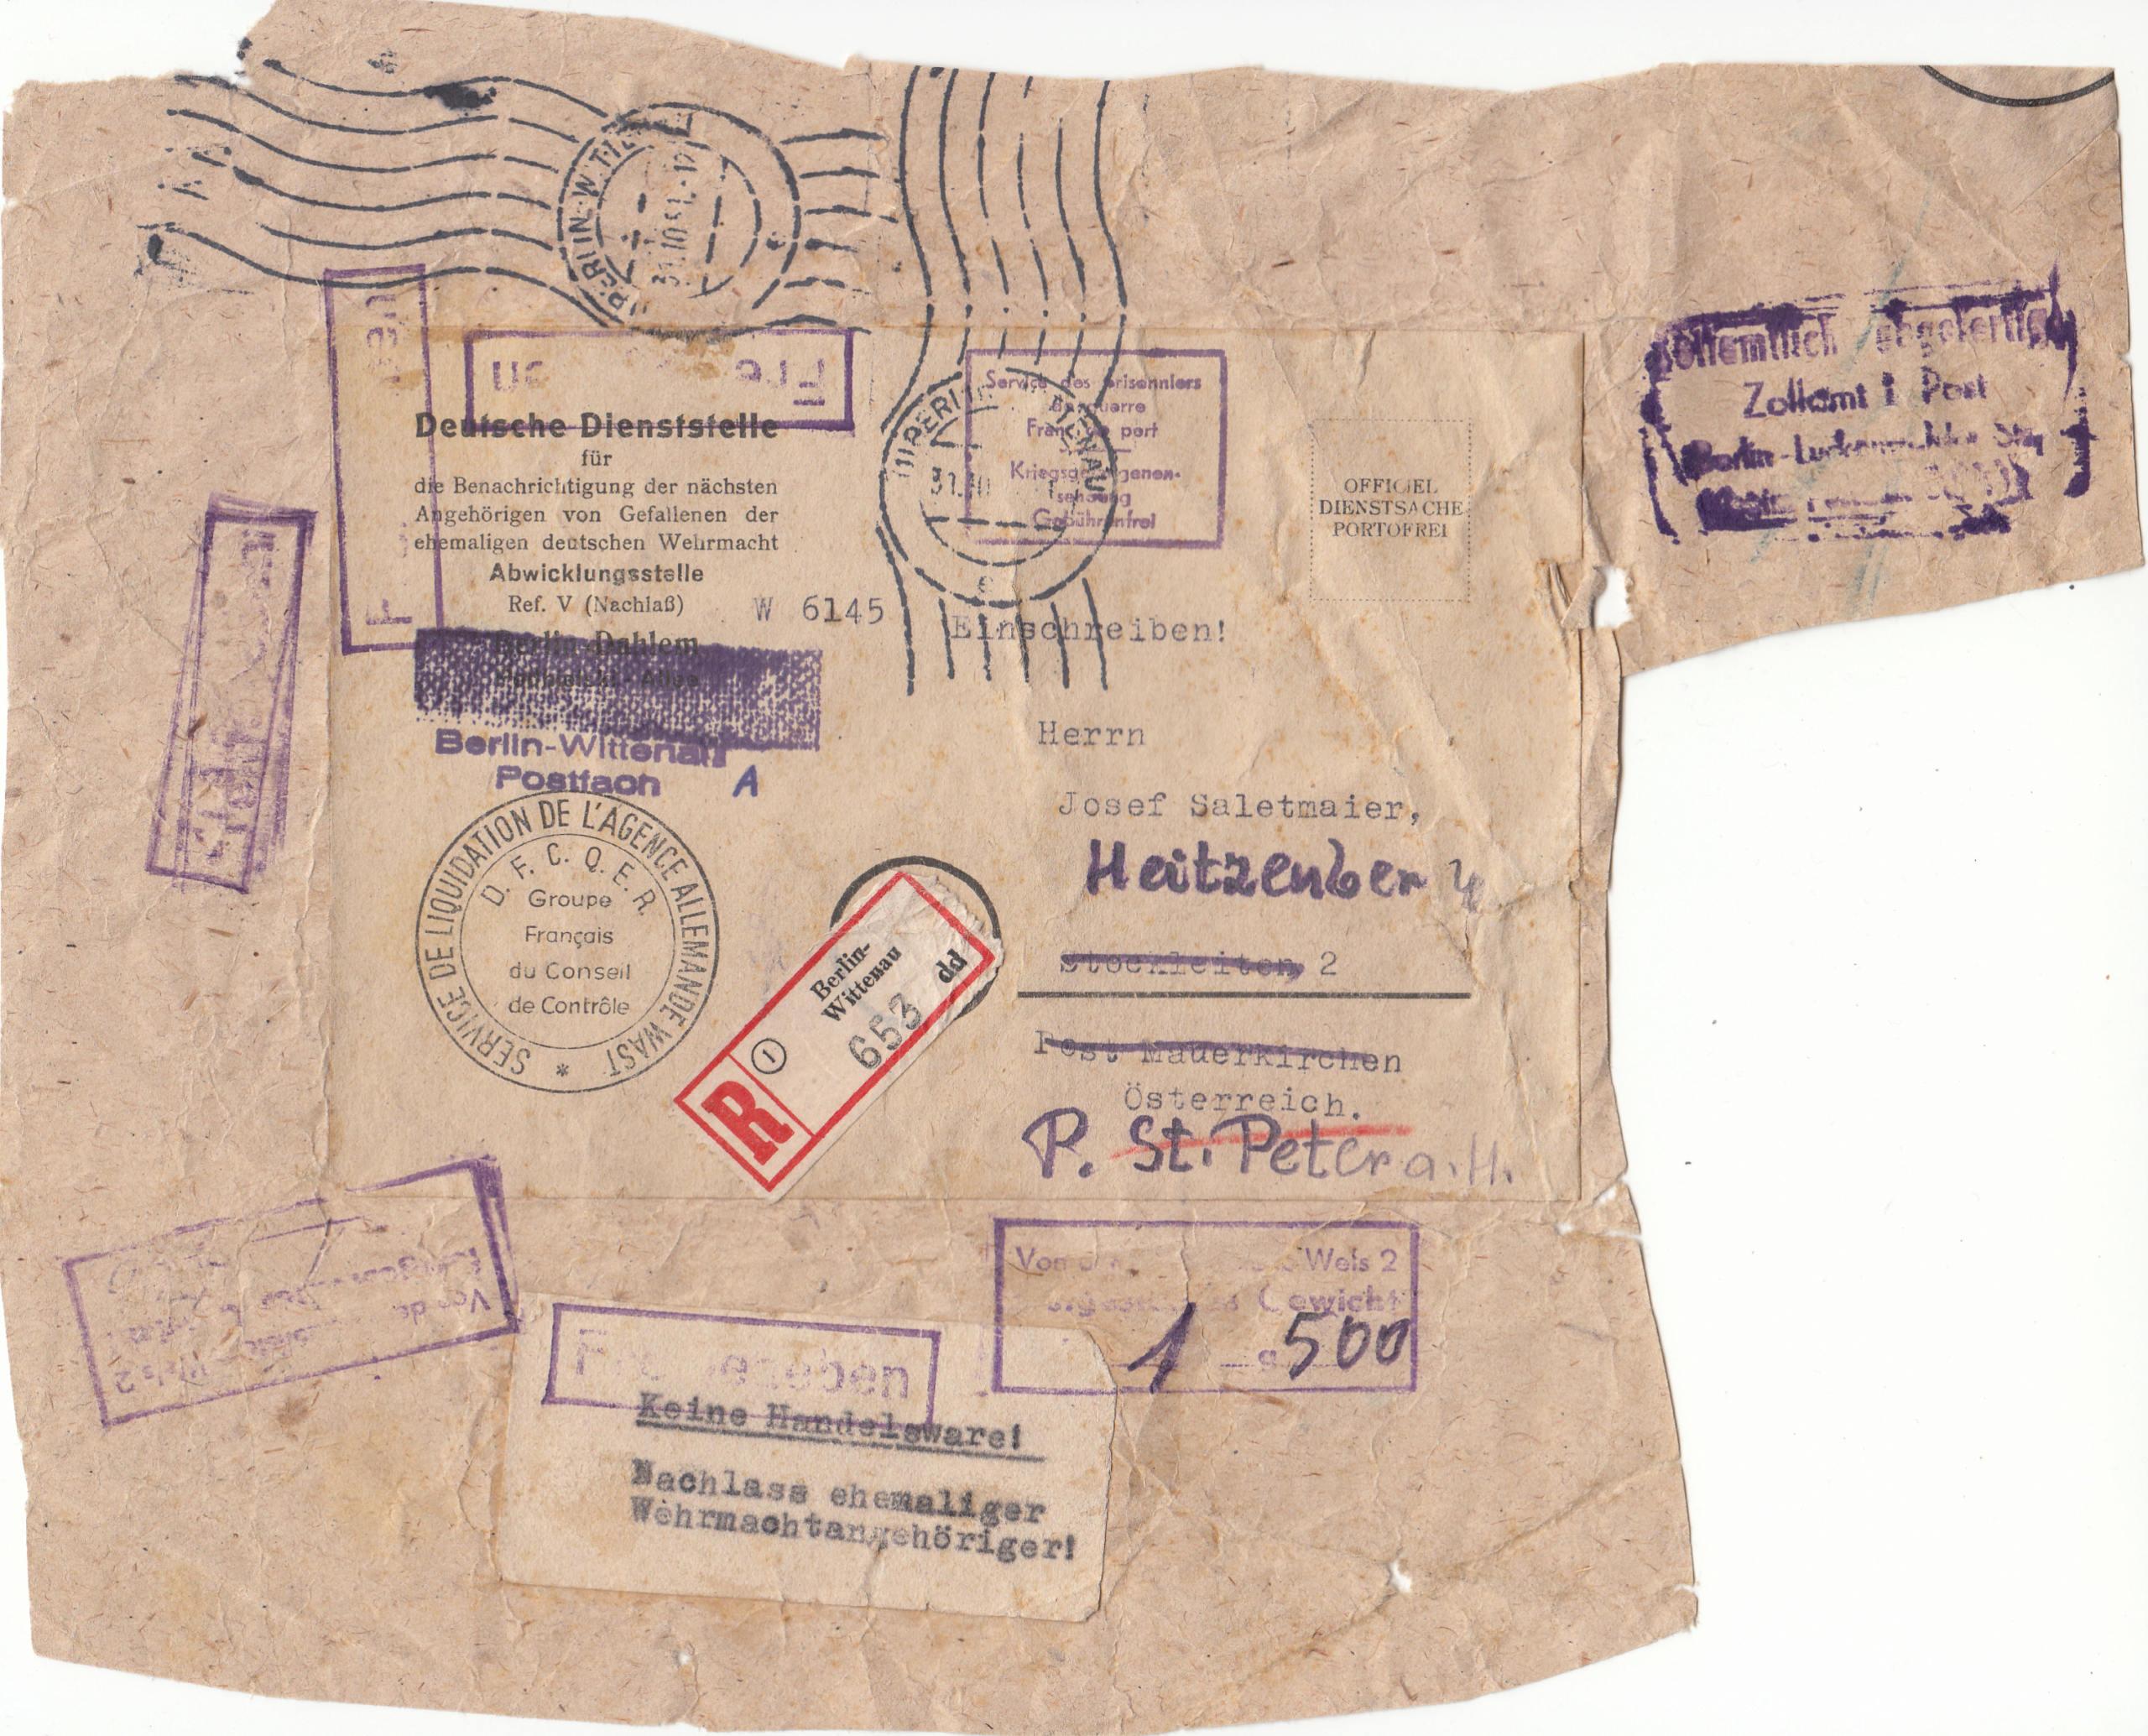 Sammlung Bedarfsbriefe Österreich ab 1945 - Seite 14 Img251